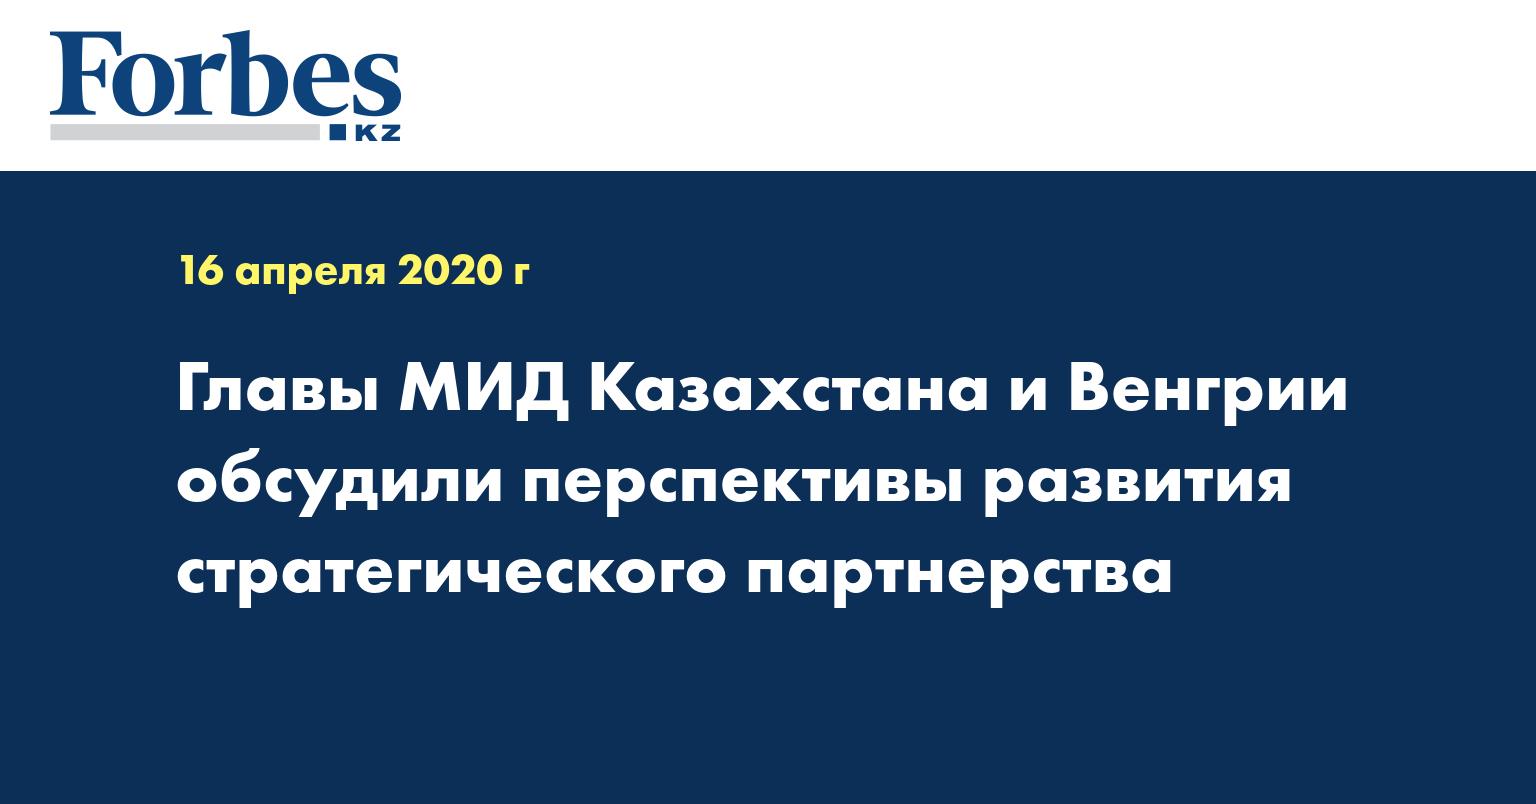 Главы МИД Казахстана и Венгрии обсудили перспективы развития стратегического партнерства